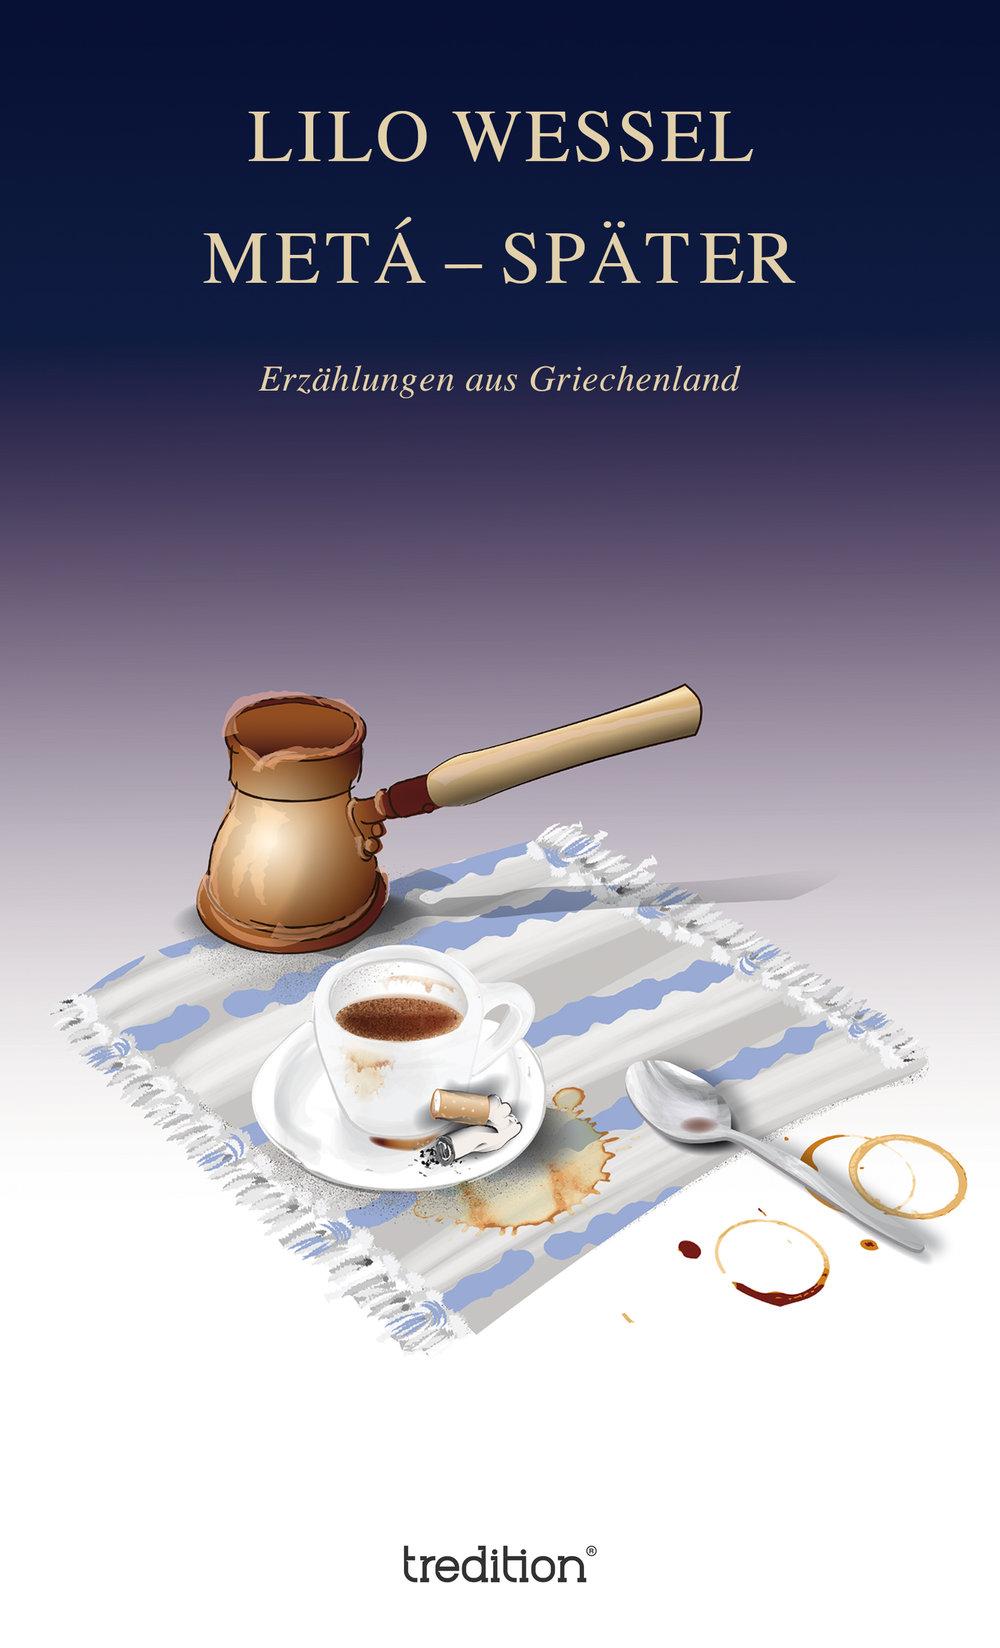 Lilo Wessel Meta Später Erzählungen aus Griechenland